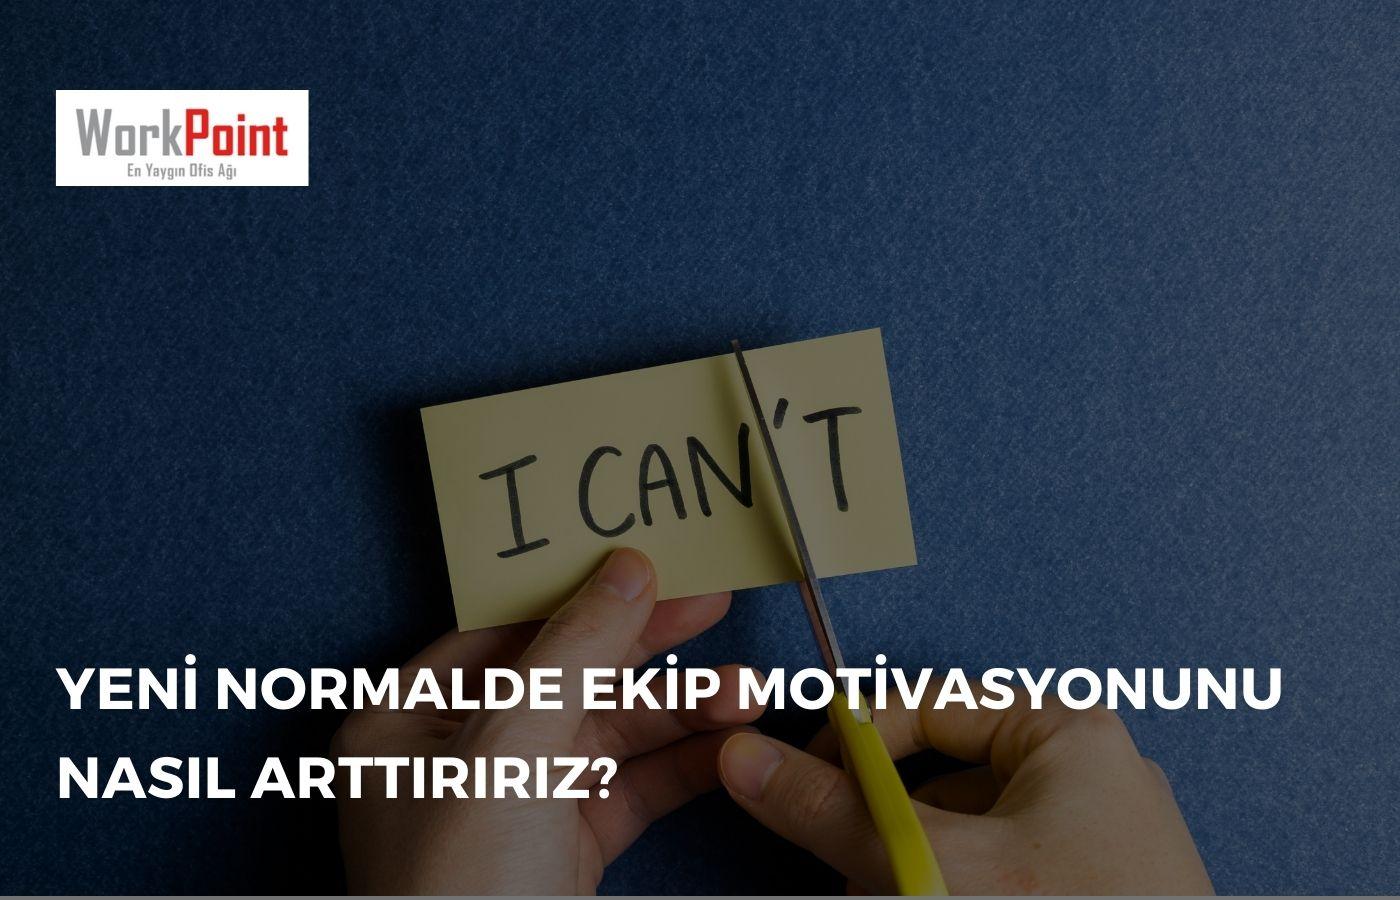 Yeni Normalde Ekip Motivasyonunu Nasıl Arttırırız?